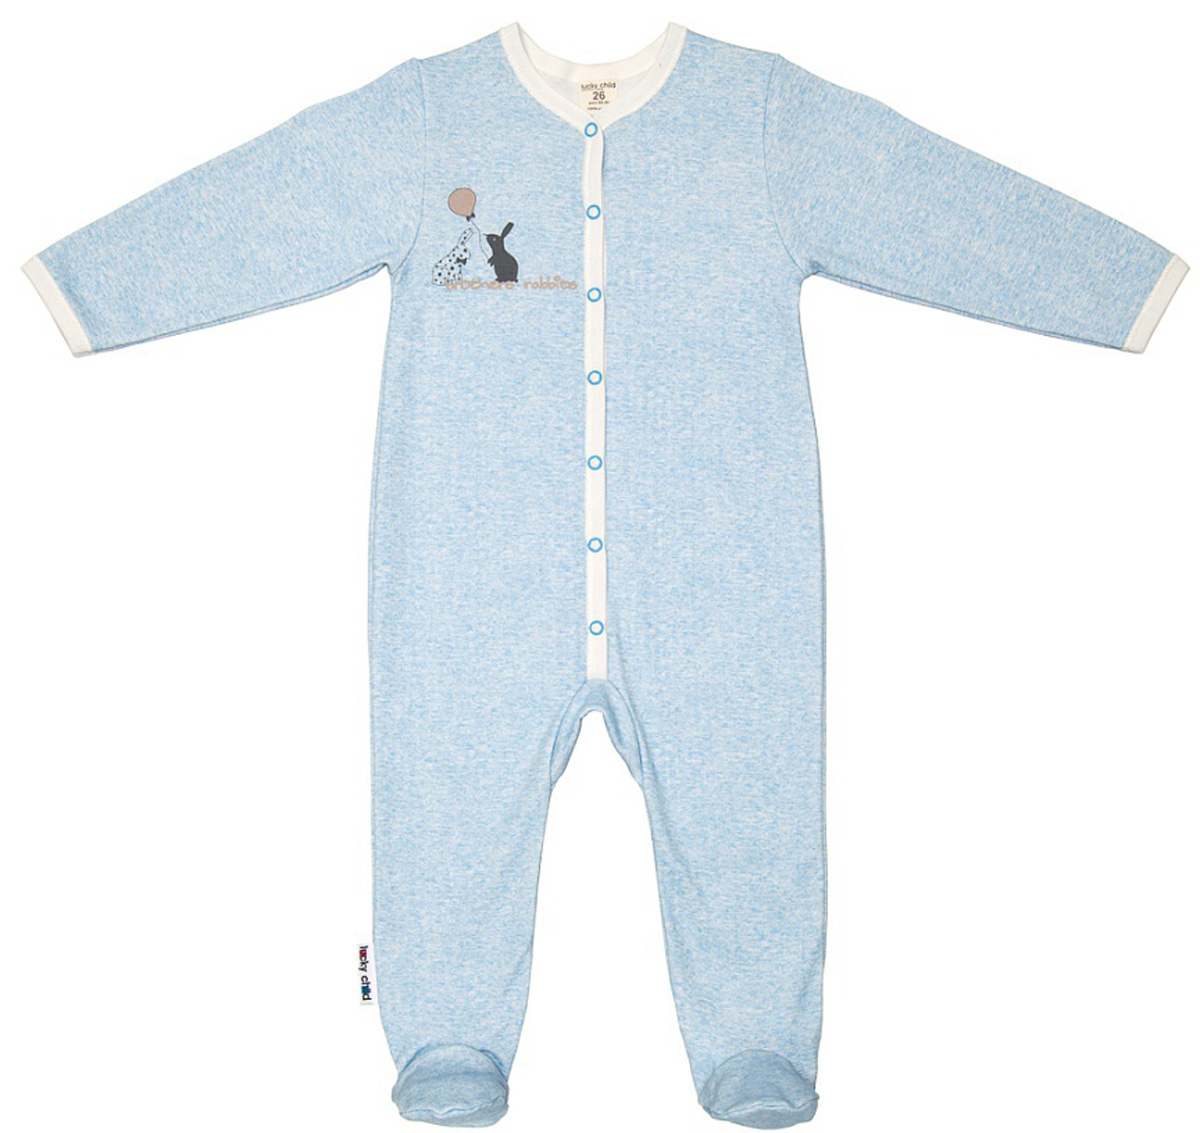 Комбинезон домашний детский Luky Child, цвет: голубой. А1-103/голубой. Размер 56/62А1-103/голубойДетский комбинезон Lucky Child - очень удобный и практичный вид одежды для малышей. Комбинезон выполнен из натурального хлопка, благодаря чему он необычайно мягкий и приятный на ощупь, не раздражают нежную кожу ребенка и хорошо вентилируются, а эластичные швы приятны телу малыша и не препятствуют его движениям. Комбинезон с длинными рукавами и закрытыми ножками имеет застежки-кнопки, которые помогают легко переодеть младенца или сменить подгузник. С детским комбинезоном Lucky Child спинка и ножки вашего малыша всегда будут в тепле, он идеален для использования днем и незаменим ночью. Комбинезон полностью соответствует особенностям жизни младенца в ранний период, не стесняя и не ограничивая его в движениях!